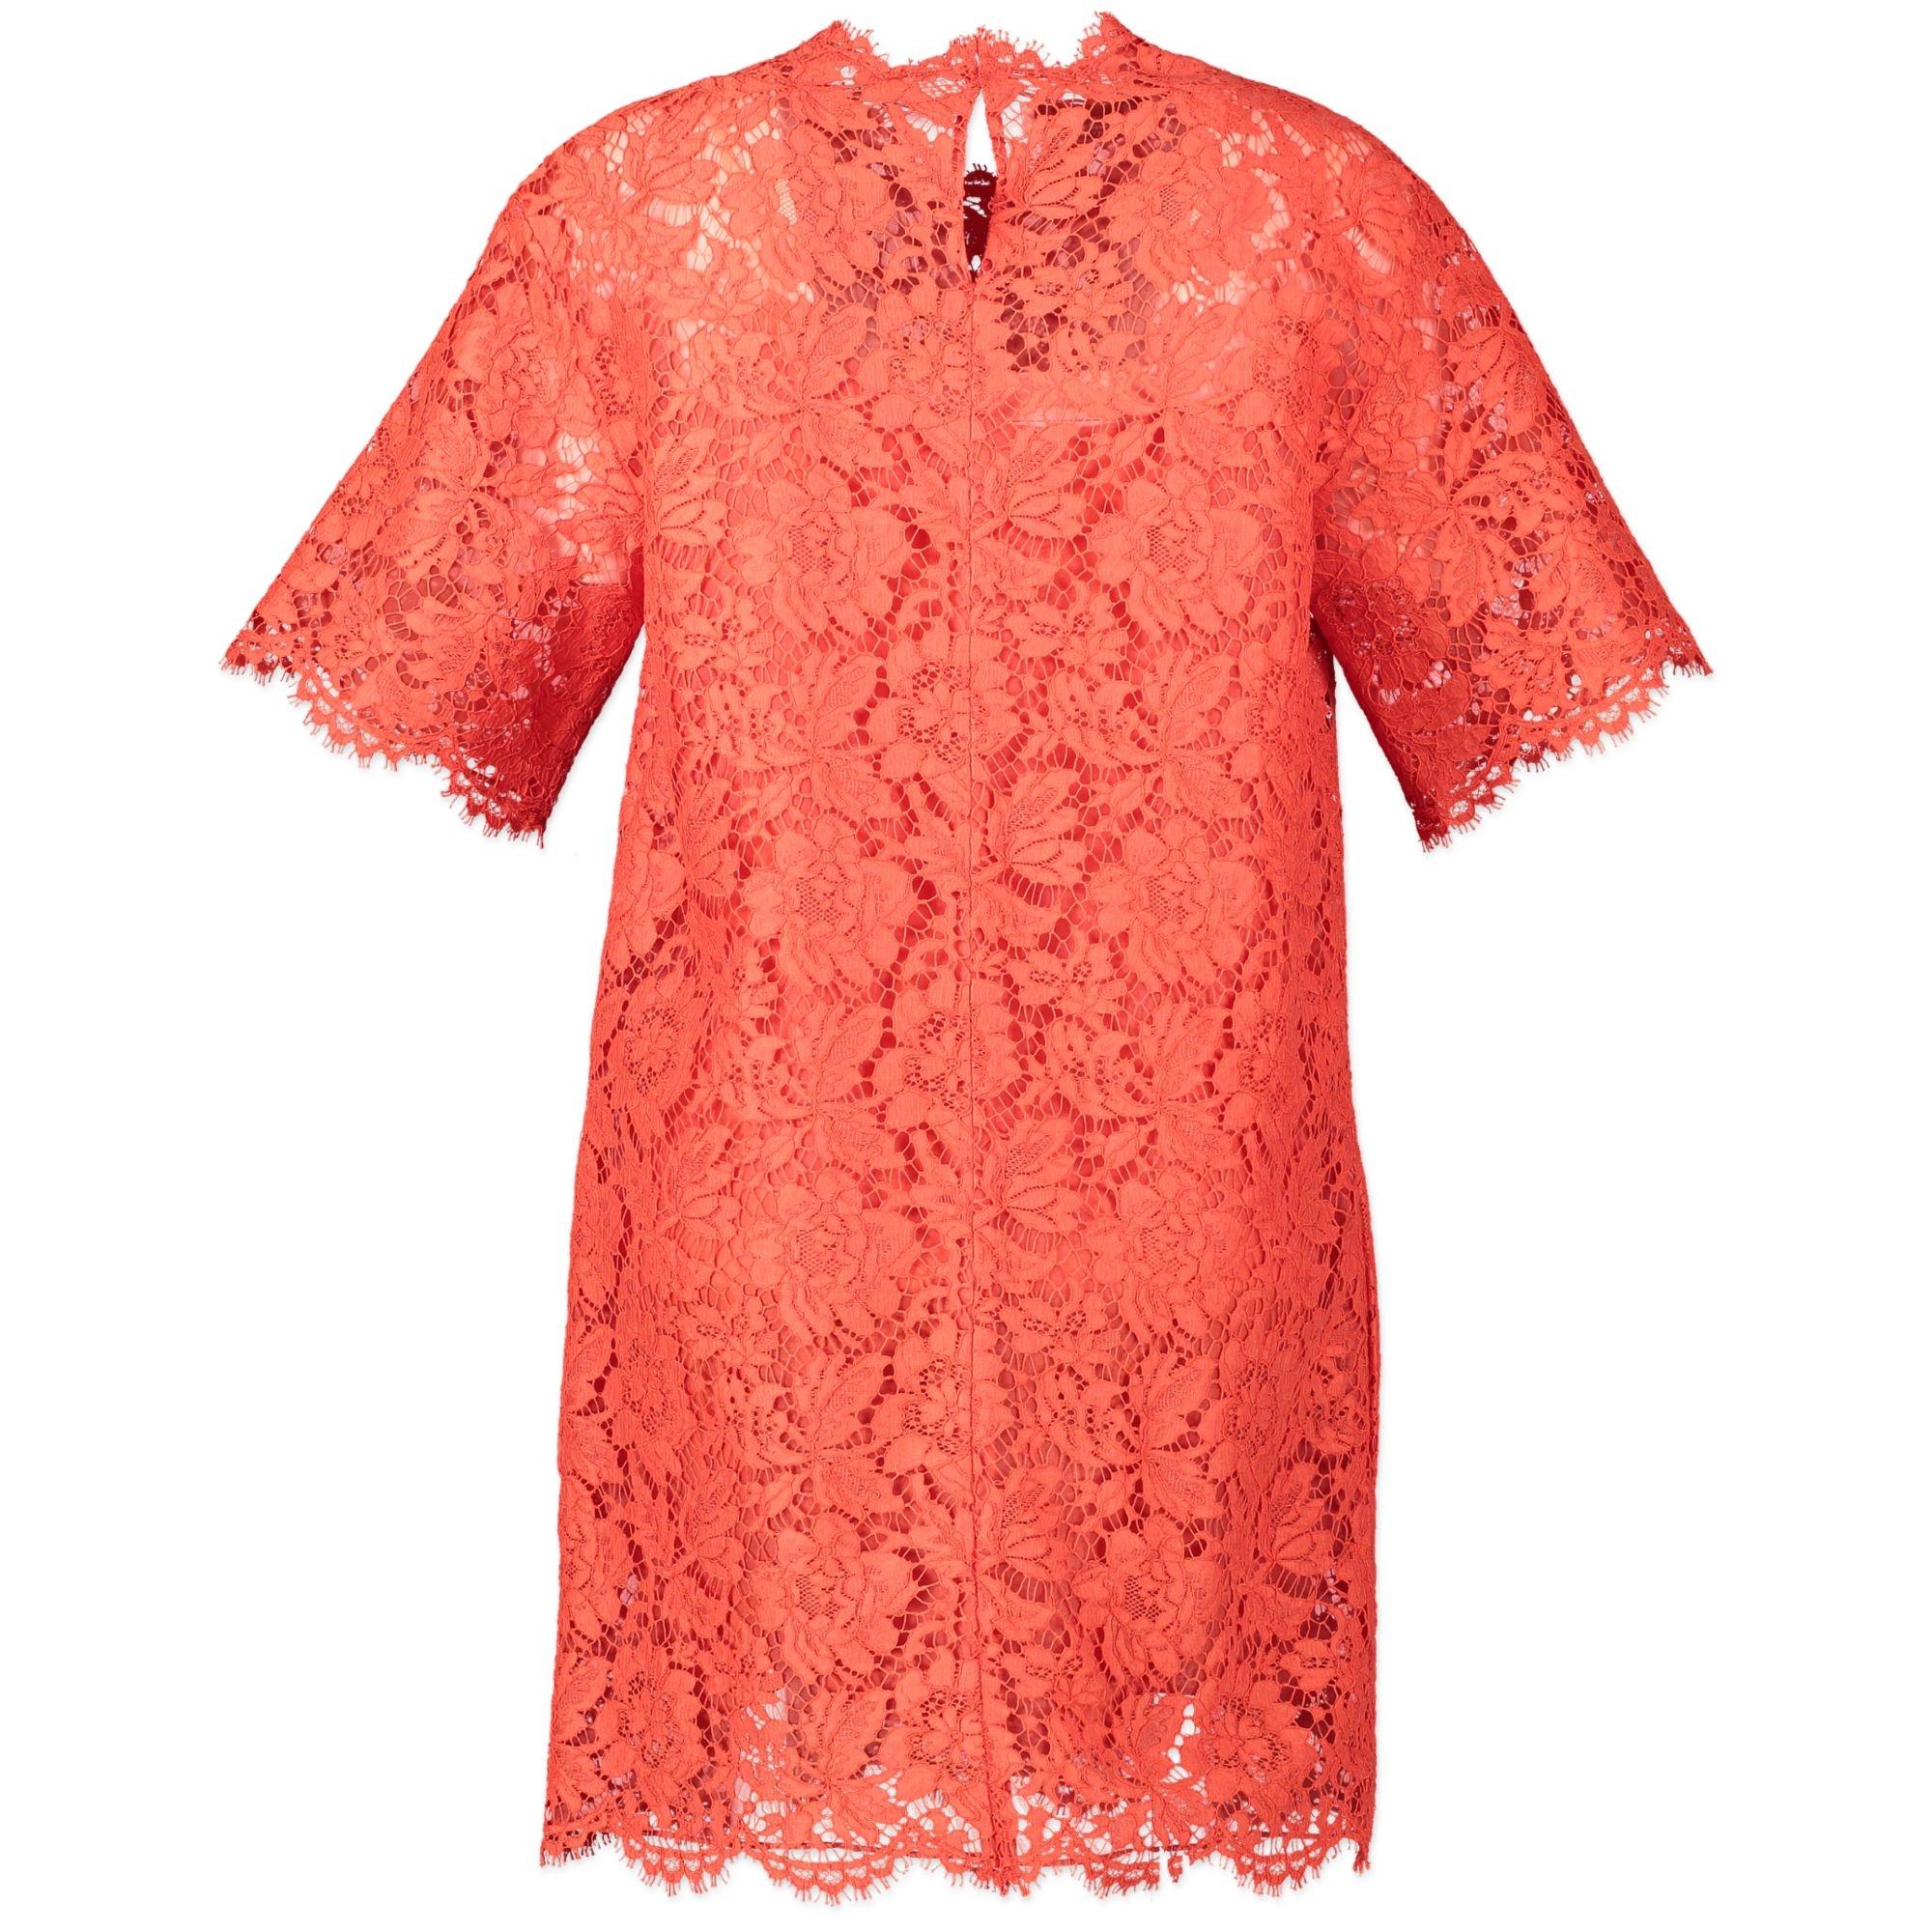 Koop authentieke tweedehands Valentino jurken met de juiste prijs bij LabelLOV.